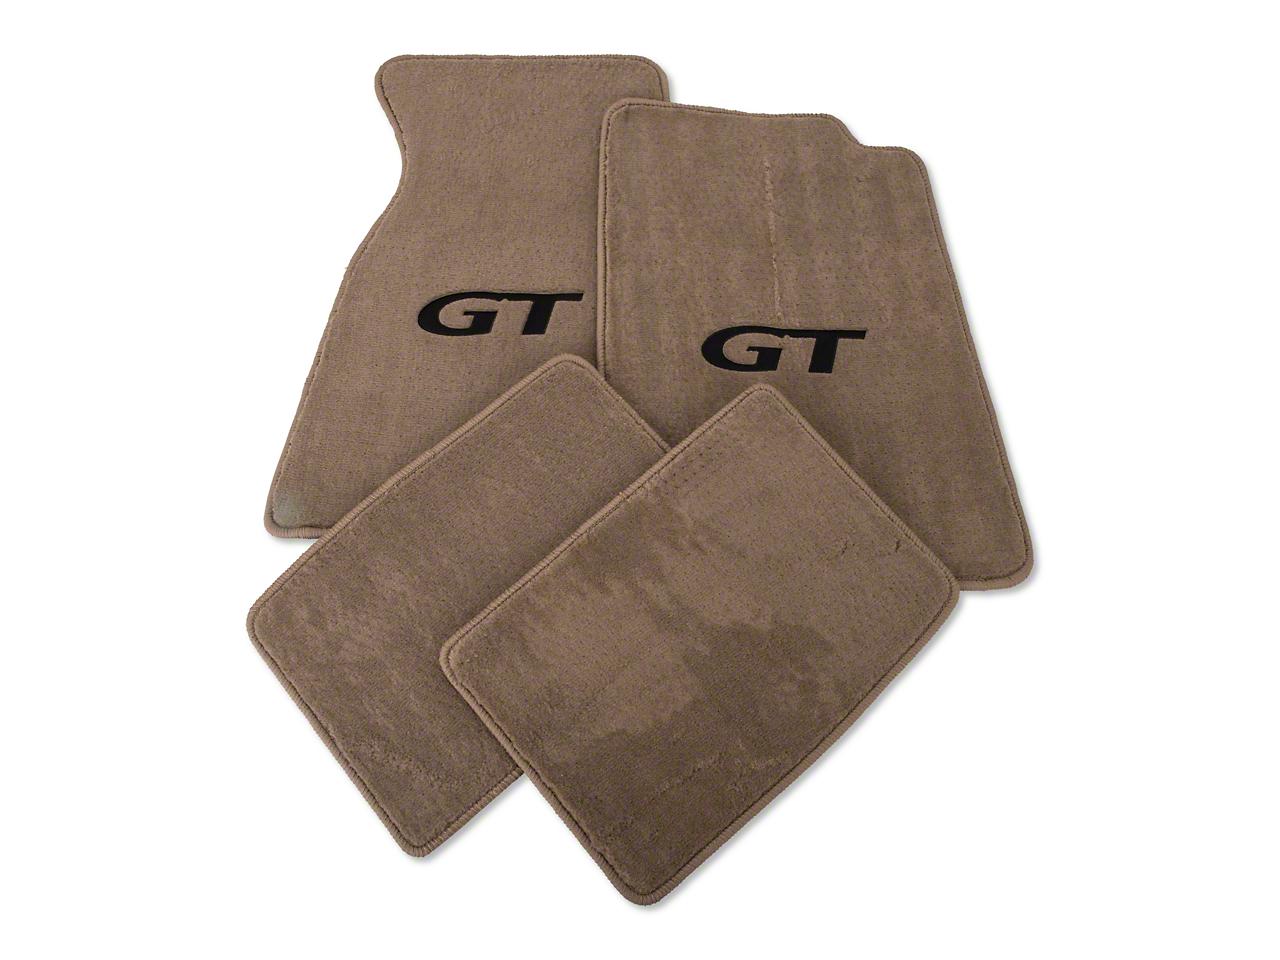 Lloyd Front & Rear Floor Mats w/ Black GT Logo - Parchment (94-98 Coupe)